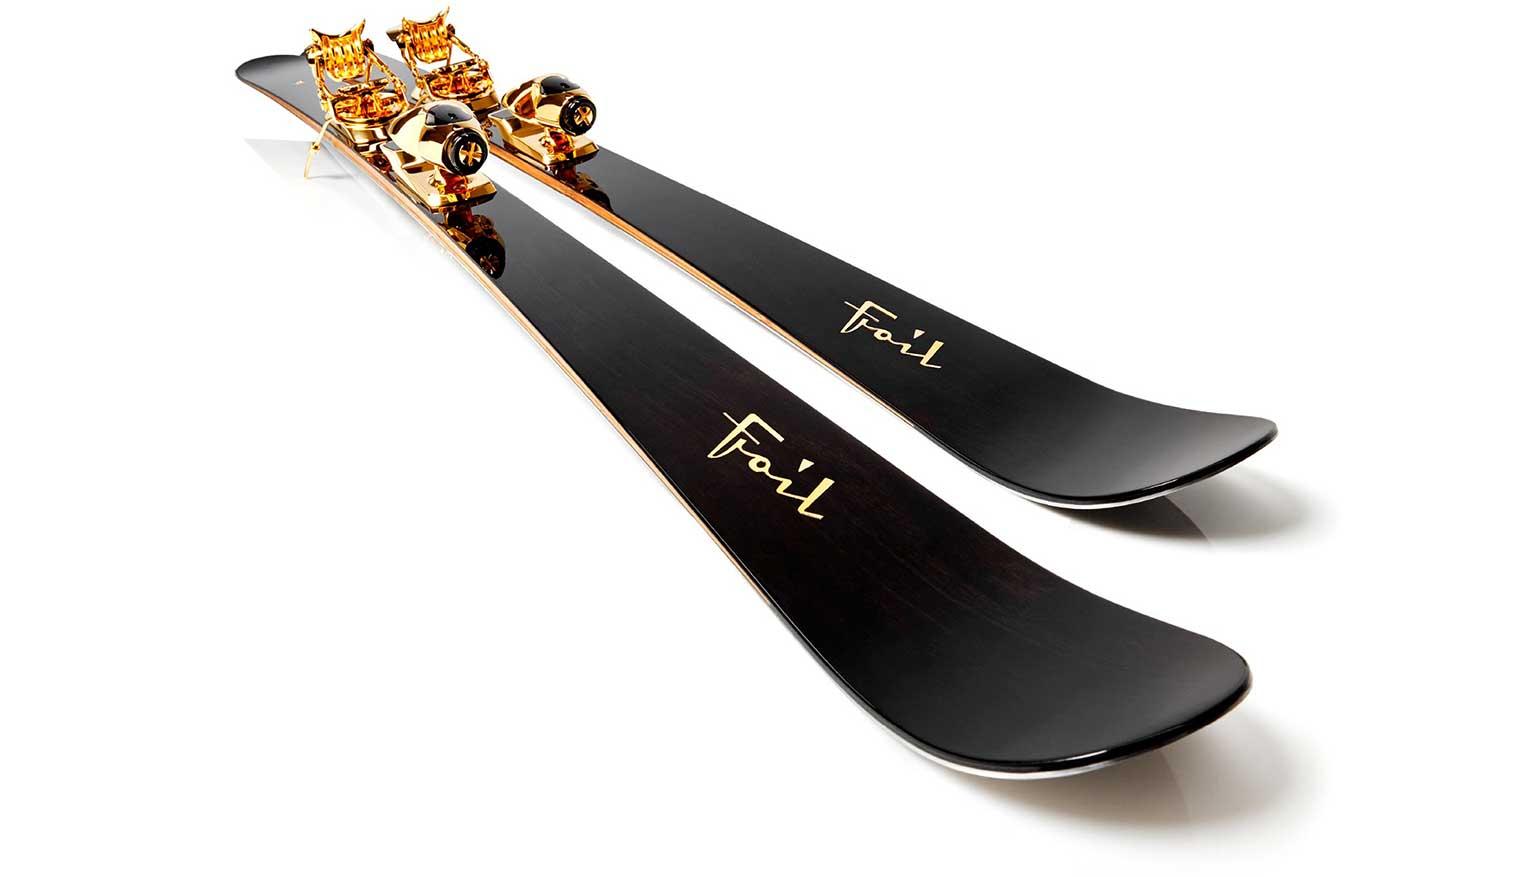 شرکتی به نام فویل اسکیز یک ست چوب اسکی فوق لوکس به قیمت ۴۲ هزار دلار به افتخار جکی چان از جنس چوب آمارانتو ساخته است که توپر و ضد آب است.